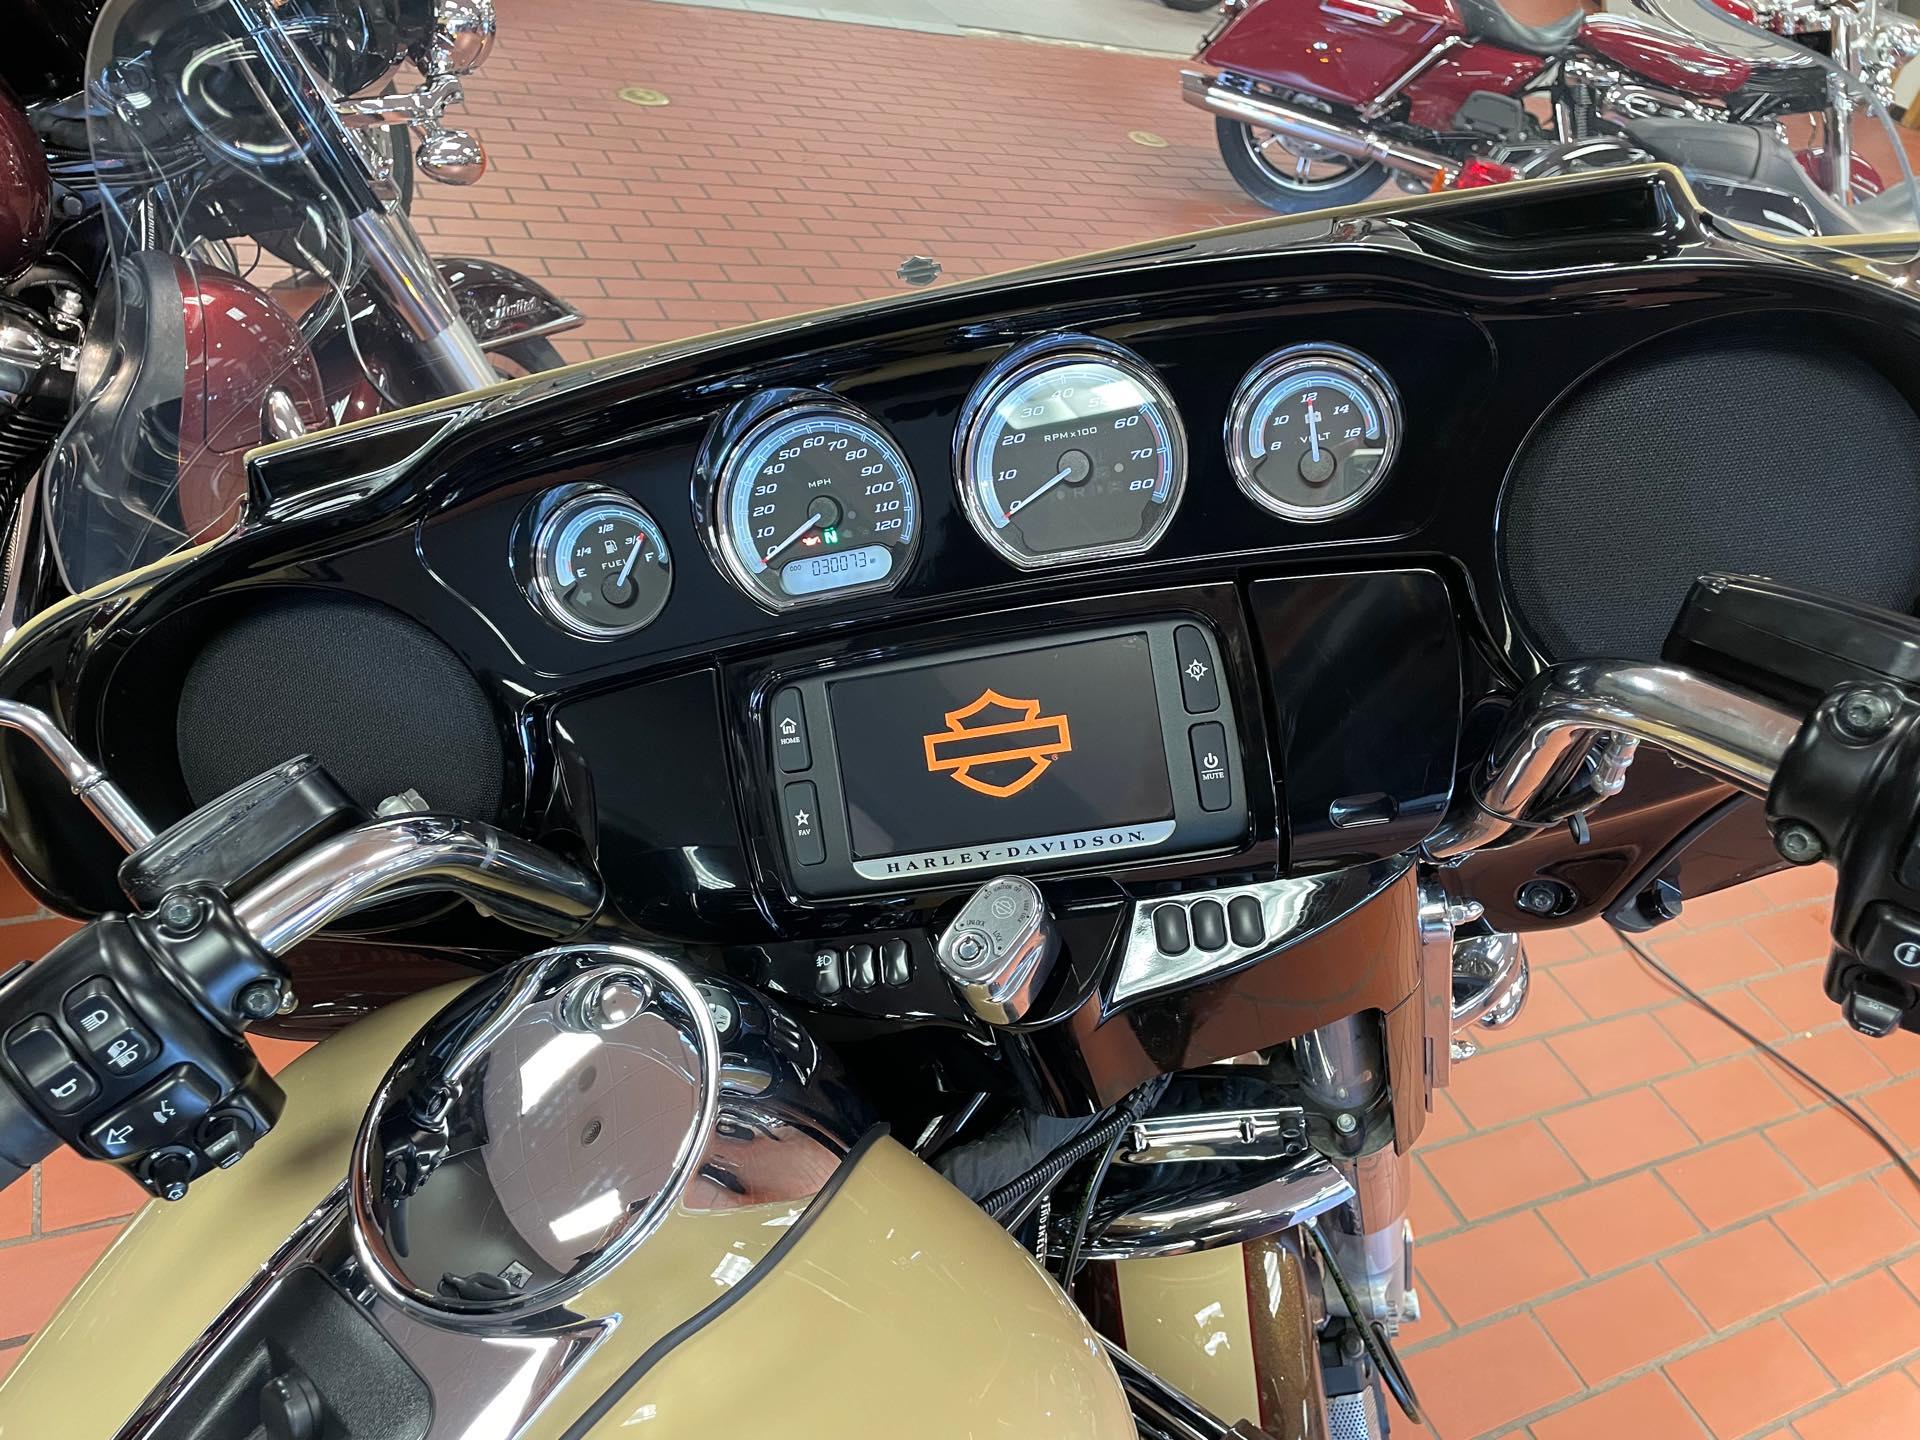 2014 Harley-Davidson Electra Glide Ultra Limited at Rooster's Harley Davidson